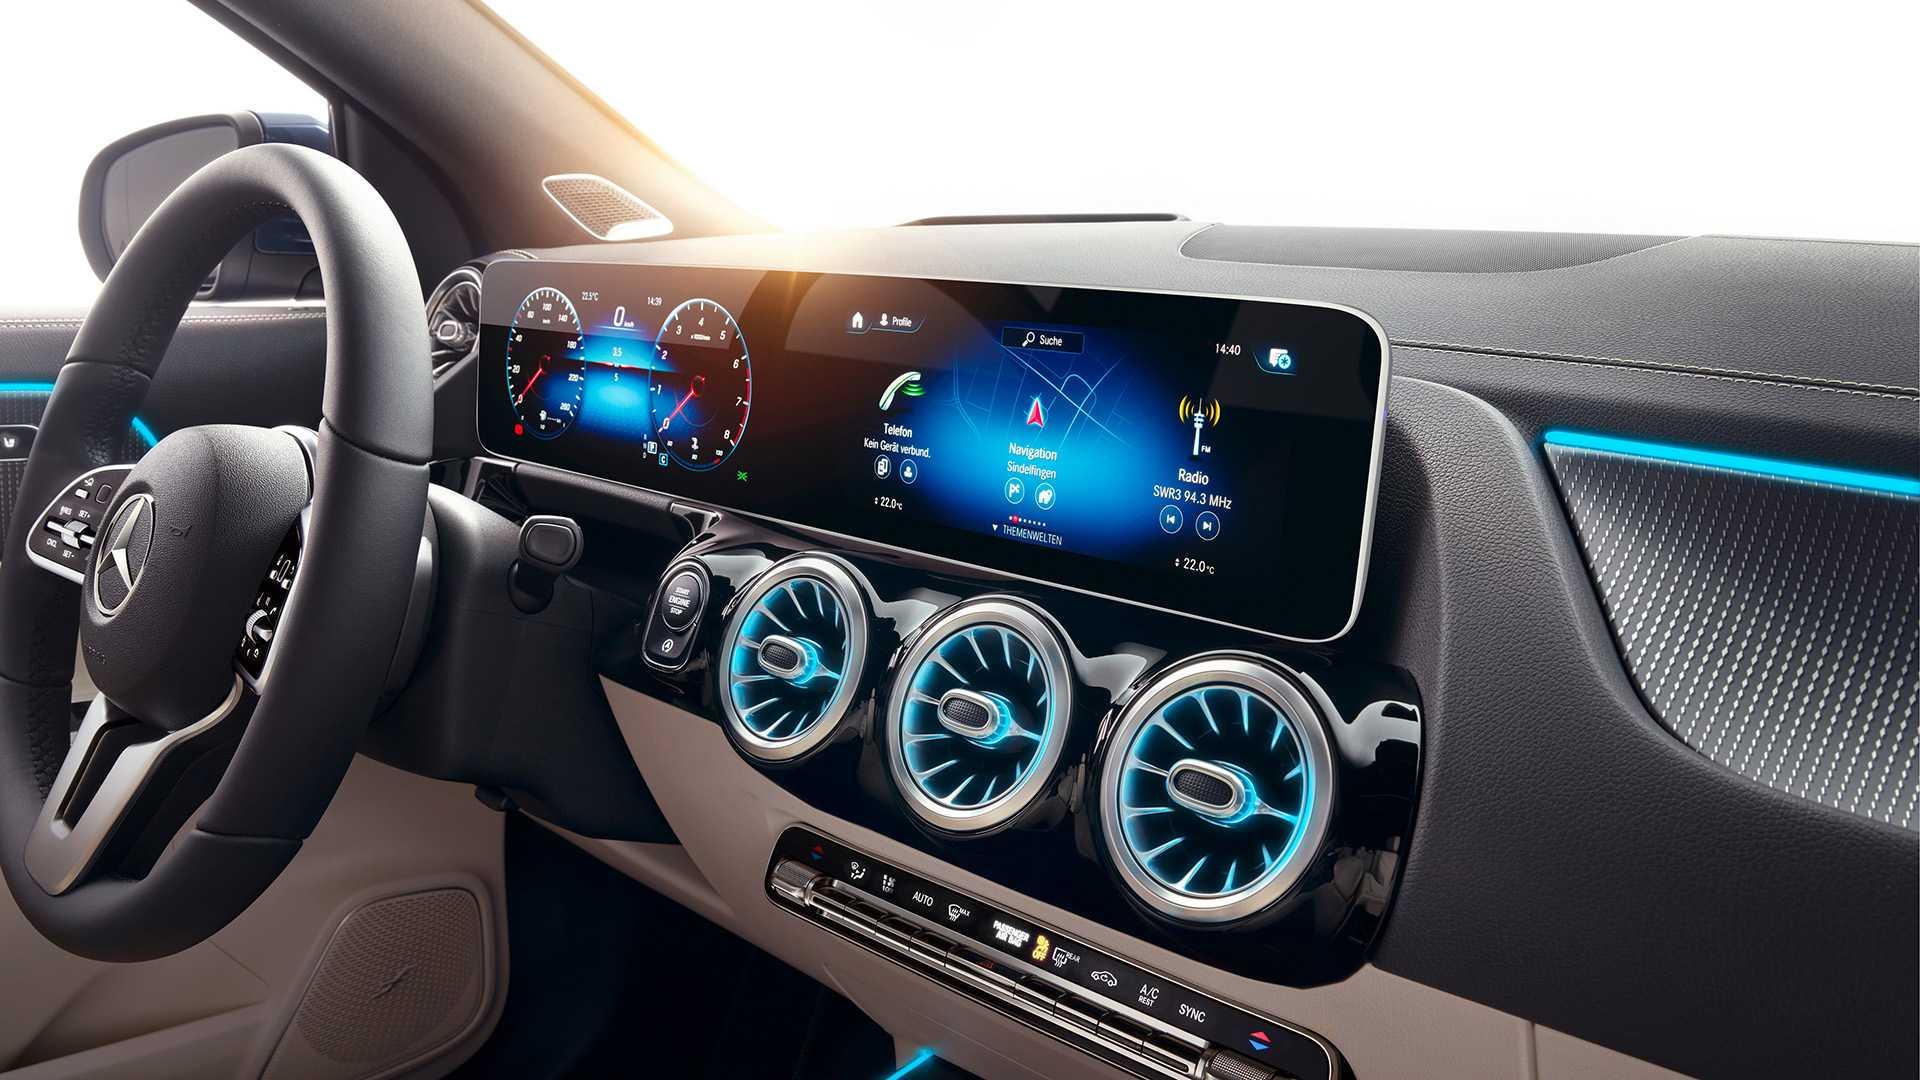 Ra mắt Mercedes-Benz GLA 2021 thế hệ mới, nhiều cải tiến đáng chú ý - 13